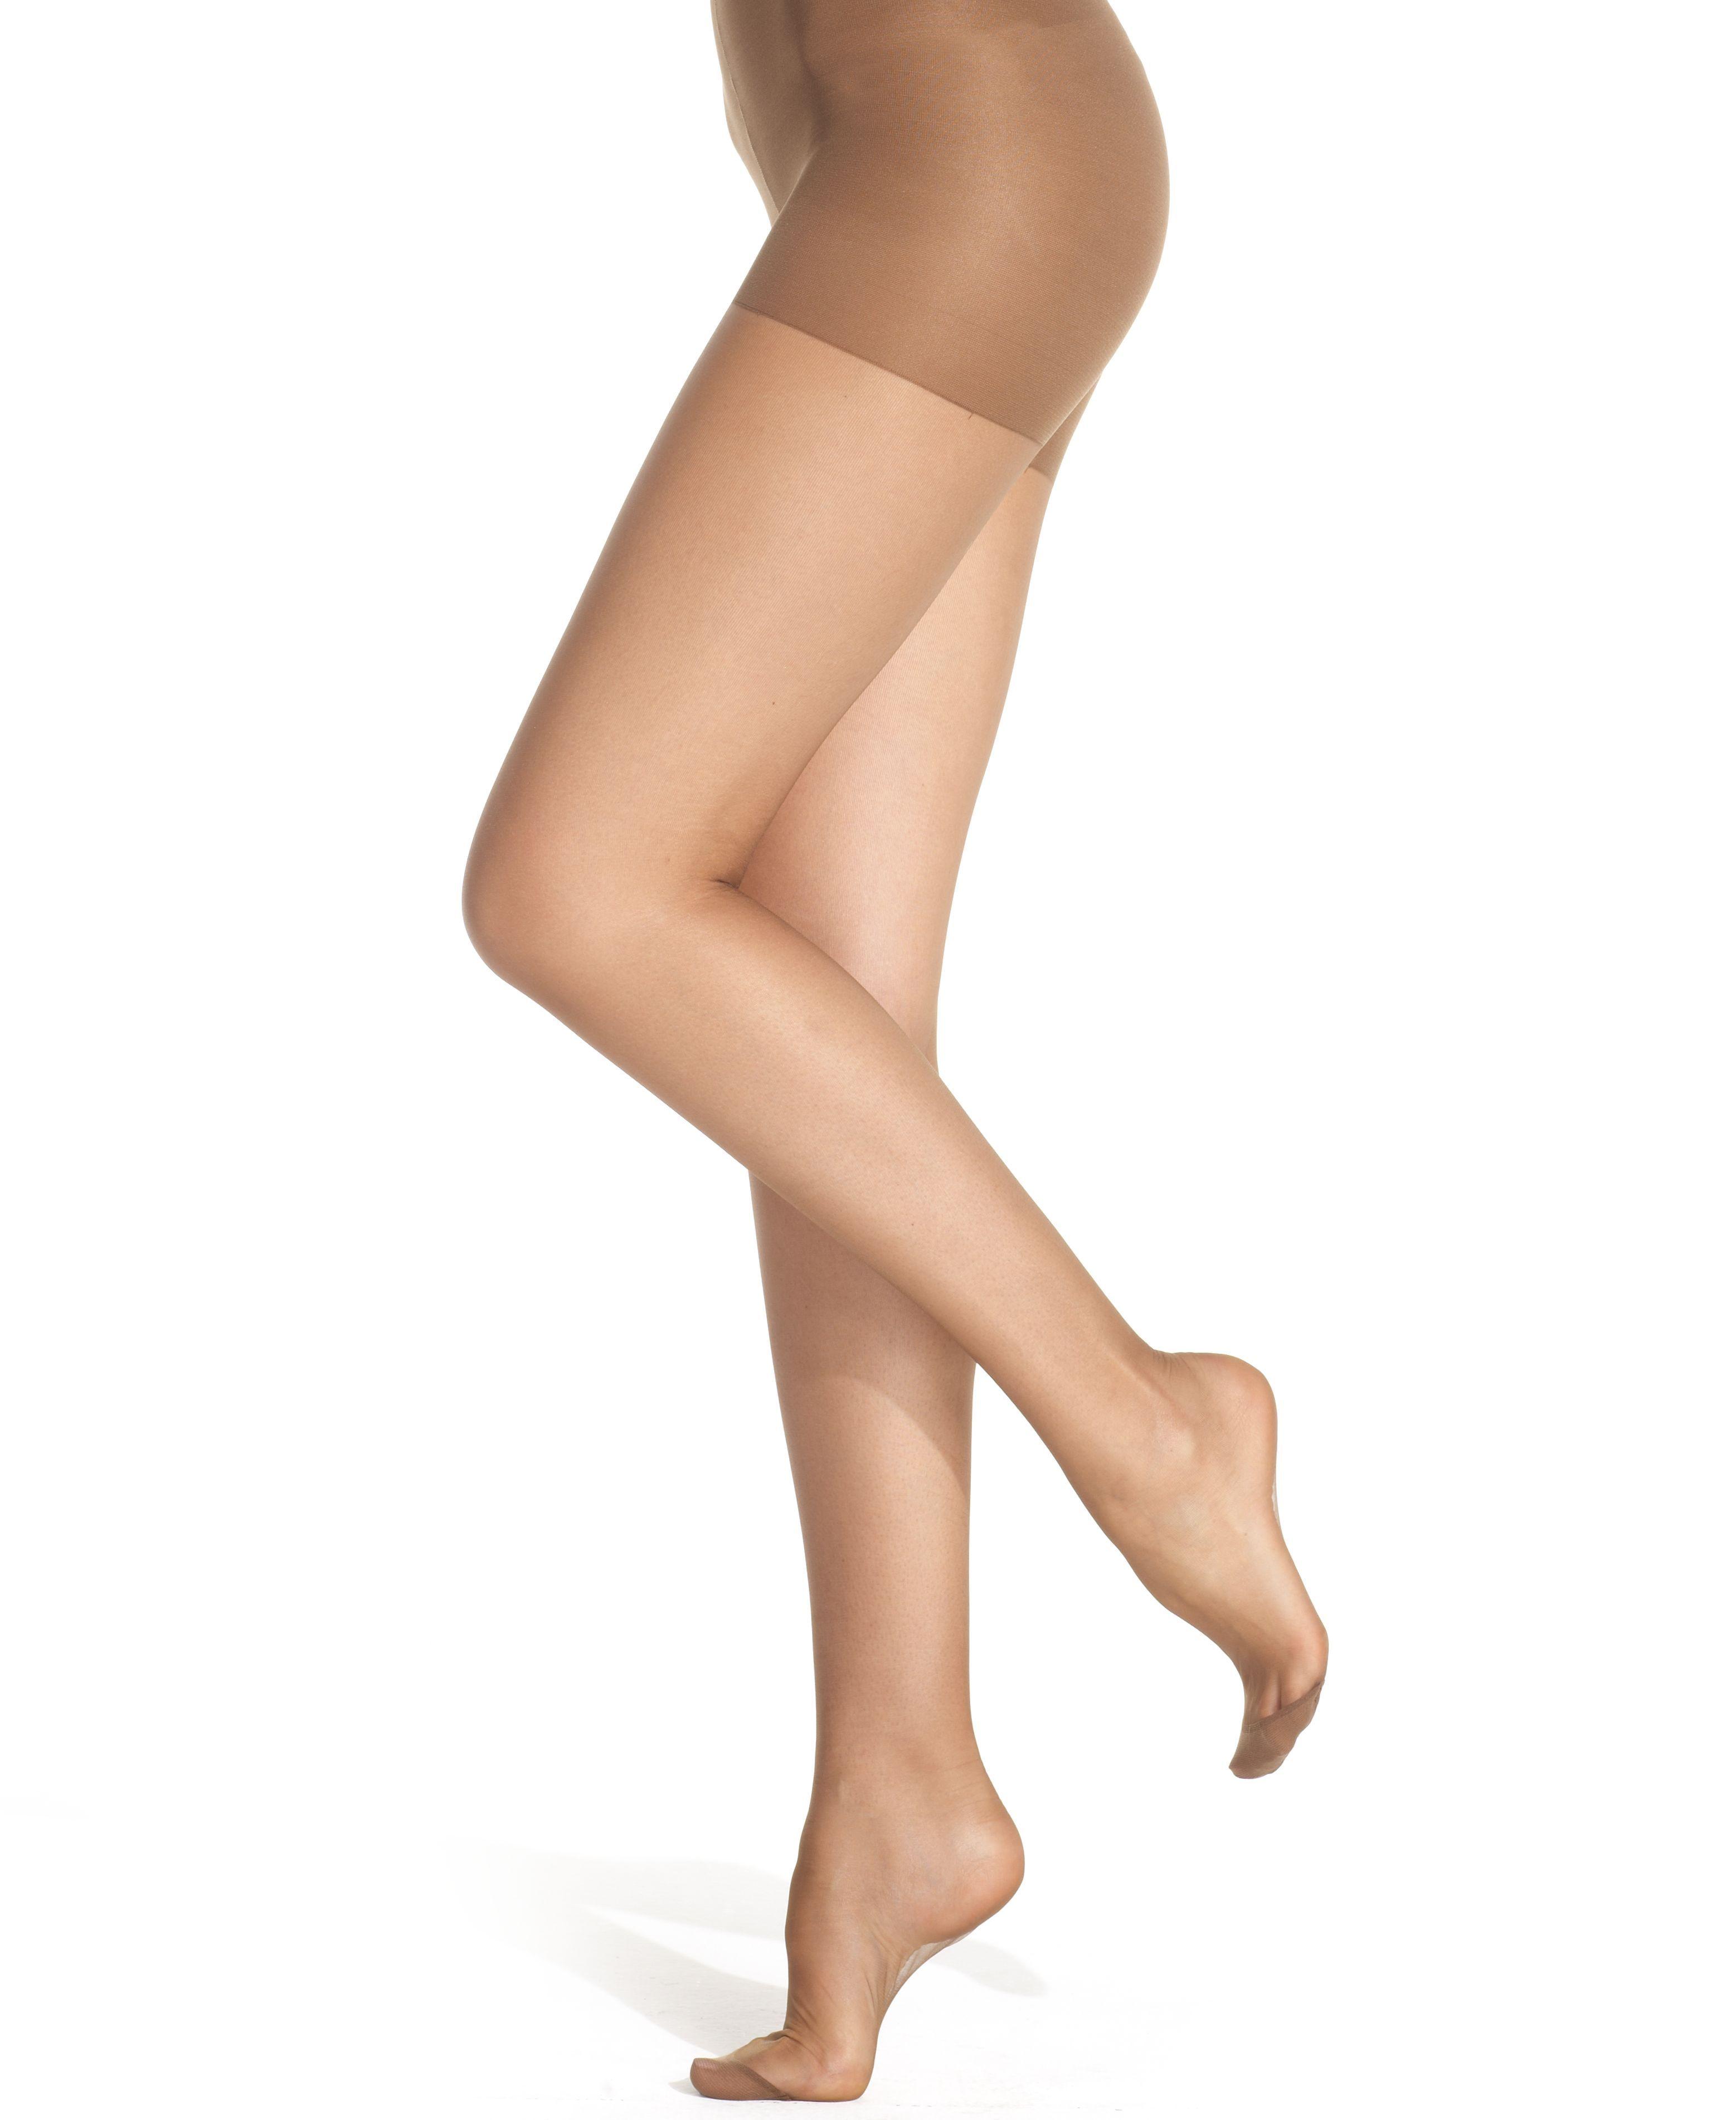 e03f2640b Women s Ultra Sheer Control Top with Reinforced Toe Hosiery 4419 in ...